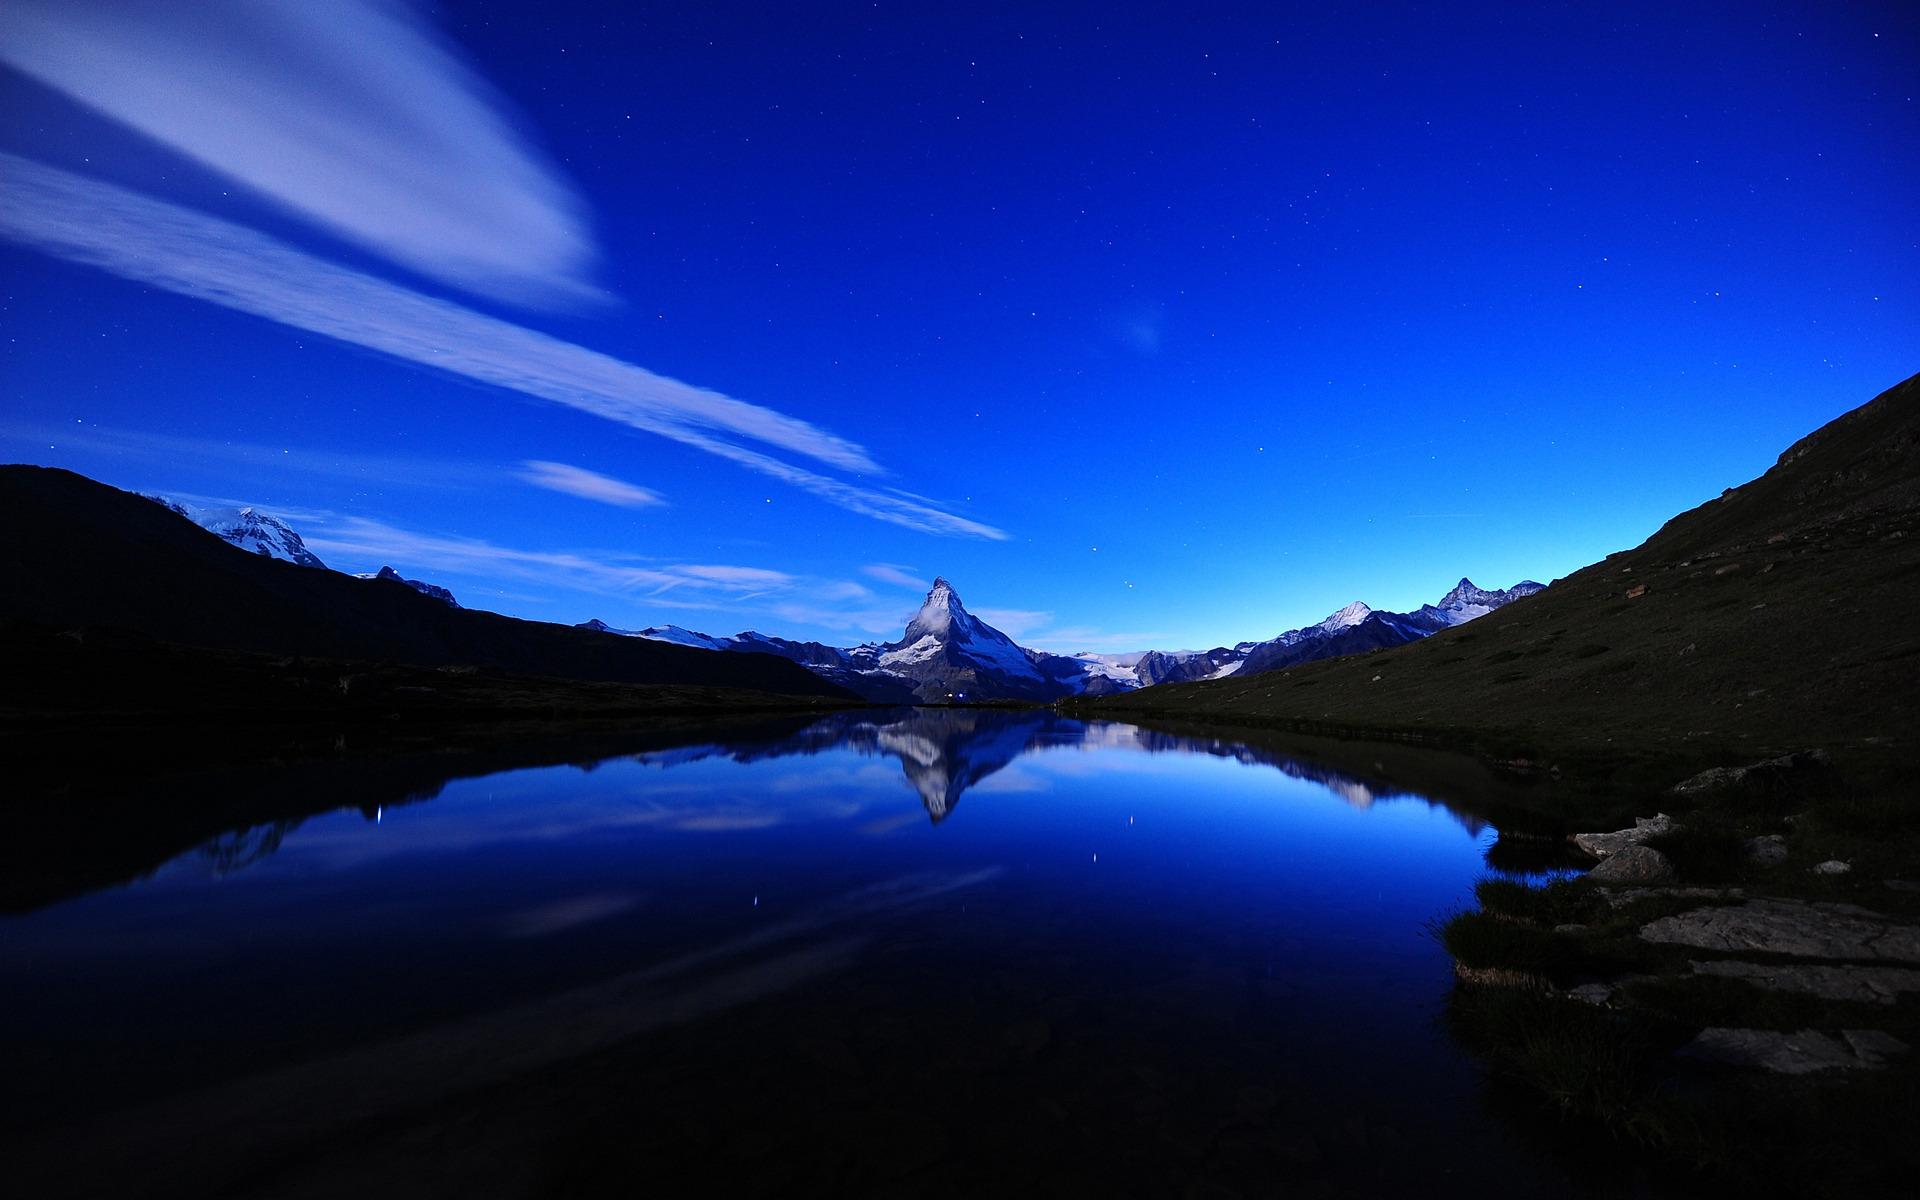 природа река горы небо облака отражение  № 2503167 без смс